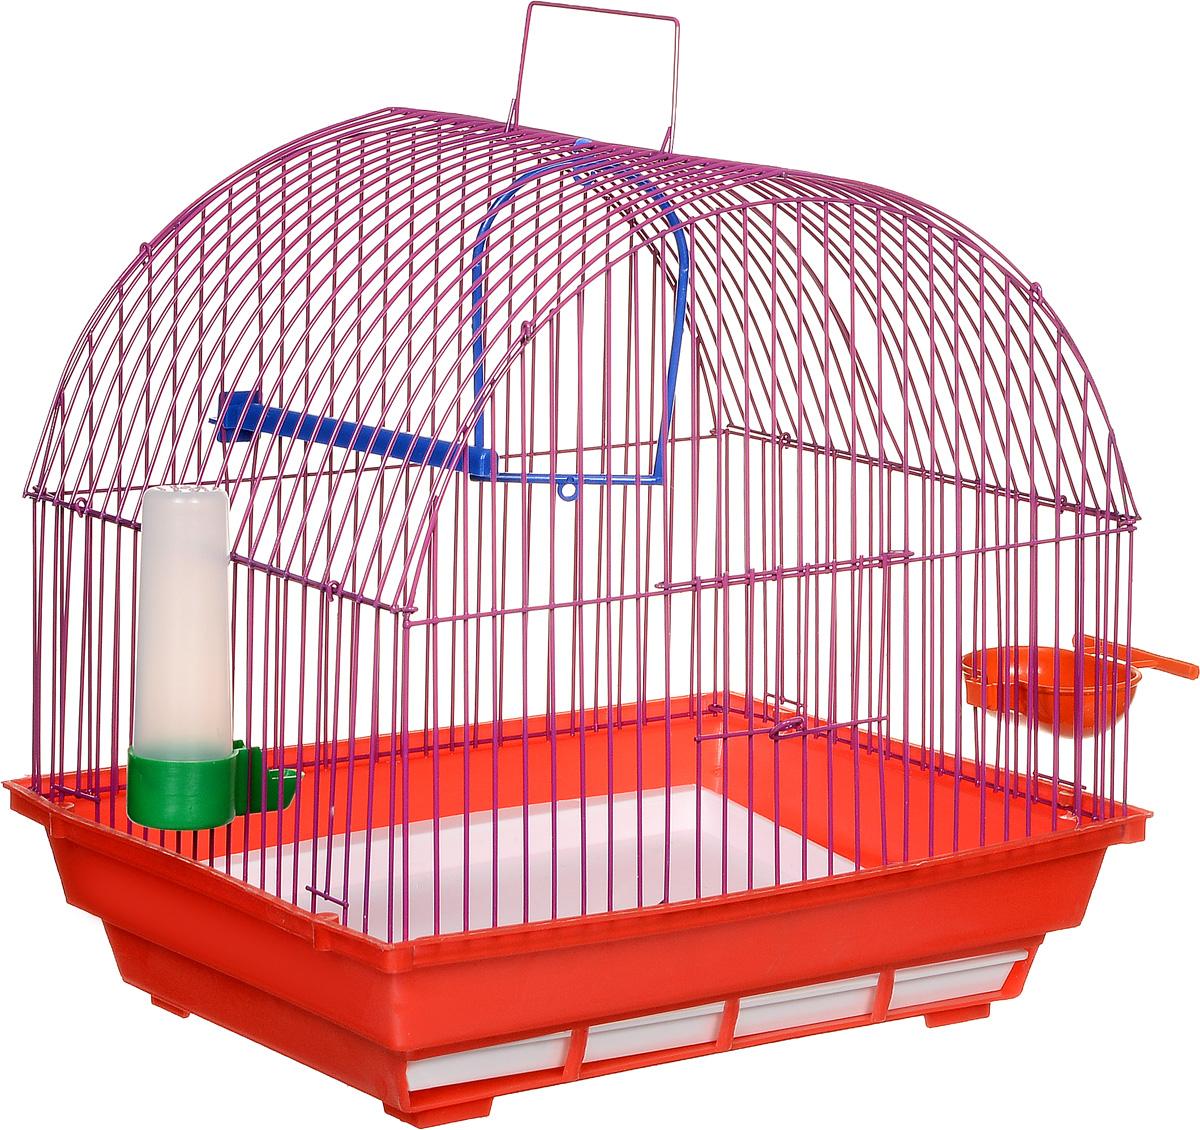 Клетка для птиц ЗооМарк, цвет: красный поддон, фиолетовая решетка, 35 х 28 х 34 см410КФ/420Клетка ЗооМарк, выполненная из полипропилена и металла, предназначена для мелких птиц. Изделие состоит из большого поддона и решетки. Клетка снабжена металлической дверцей. В основании клетки находится малый поддон. Клетка удобна в использовании и легко чистится. Она оснащена жердочкой, кольцом для птицы, поилкой, кормушкой и подвижной ручкой для удобной переноски.